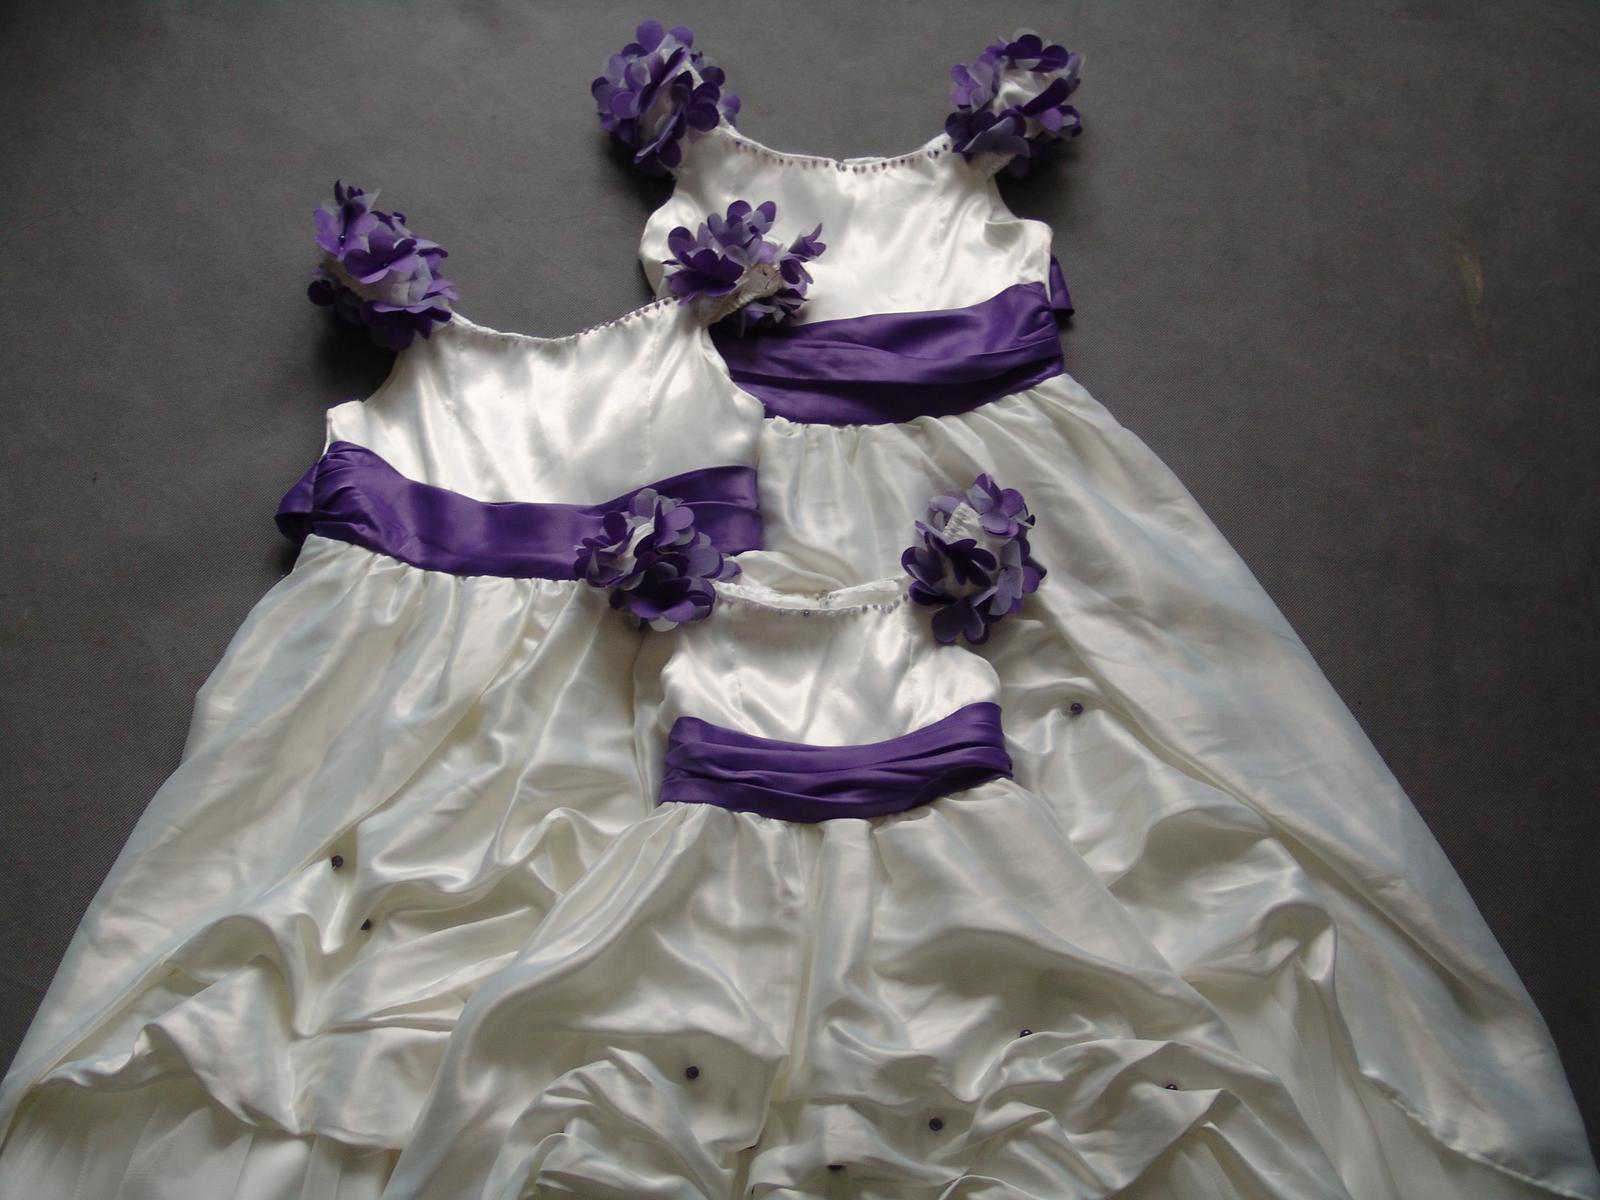 SKLADEM - ivory/fialové šaty pro družičky - 6-12 l - Obrázek č. 1